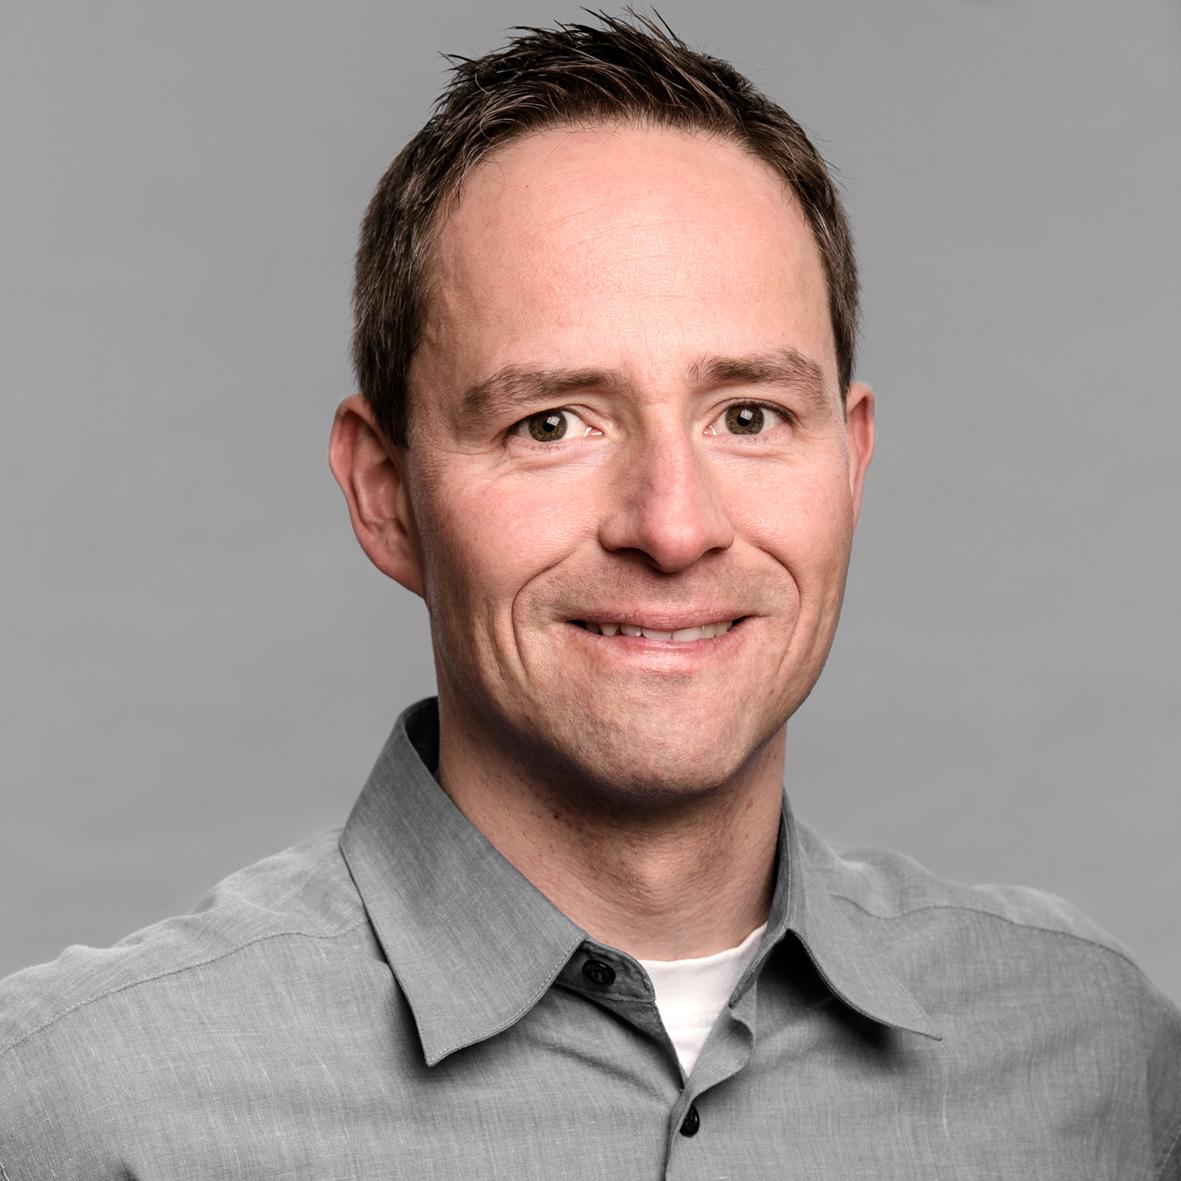 Stephan Schiemann